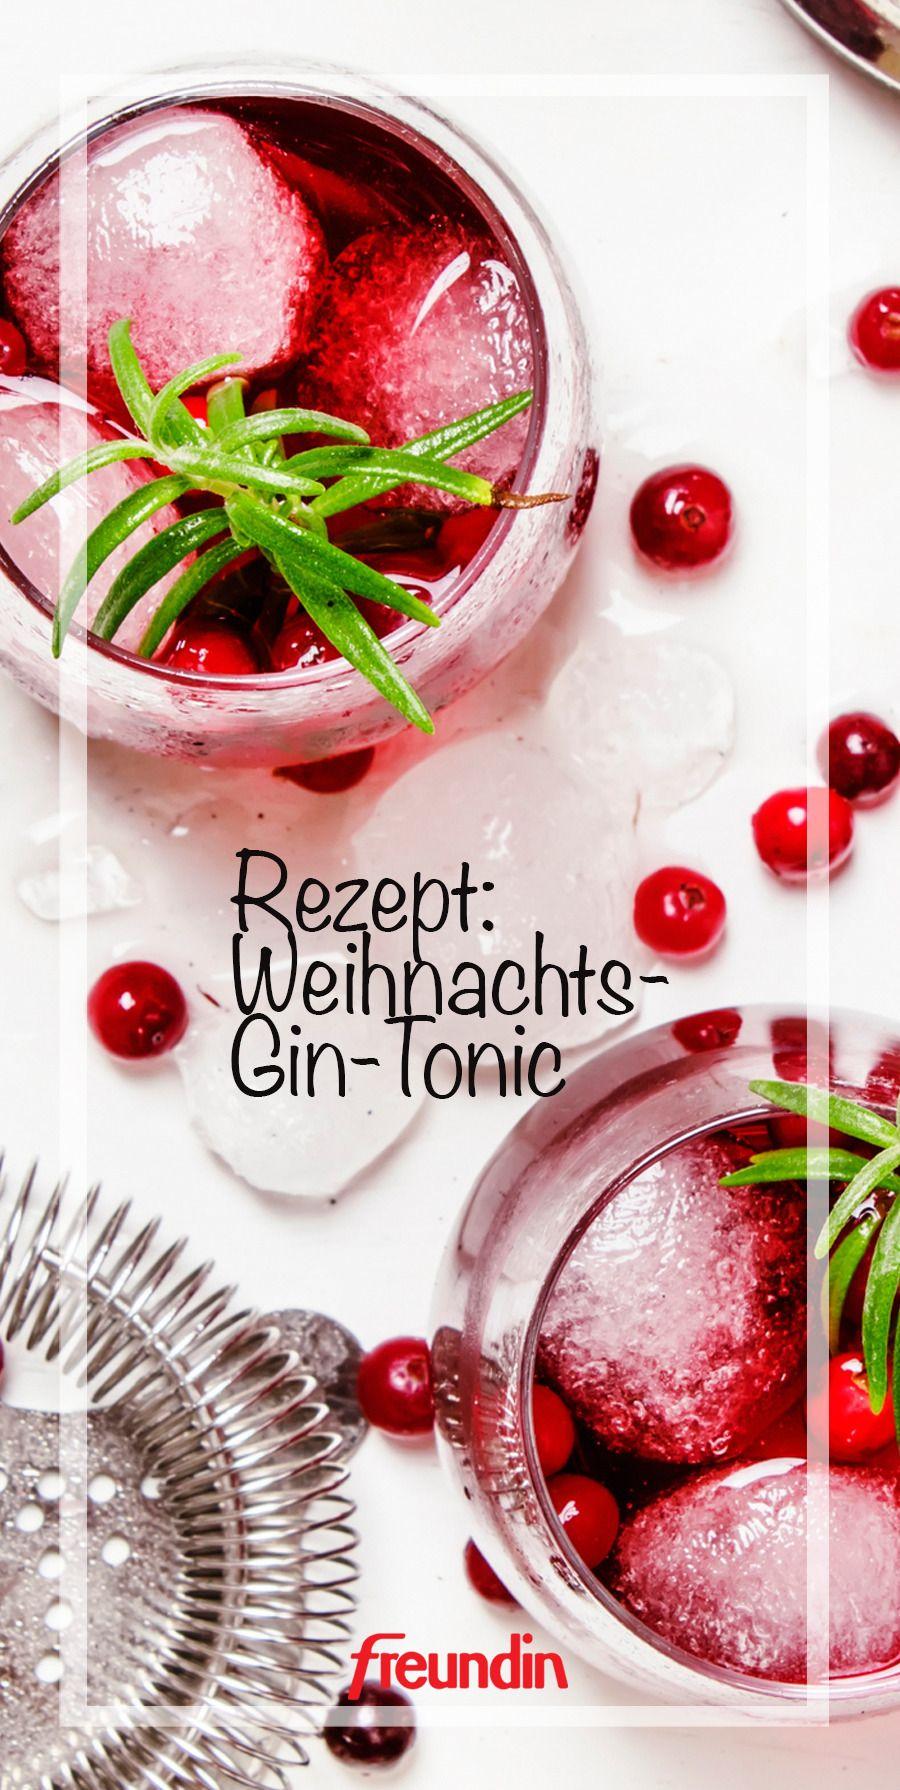 Rezept: Weihnachts-Gin-Tonic | freundin.de